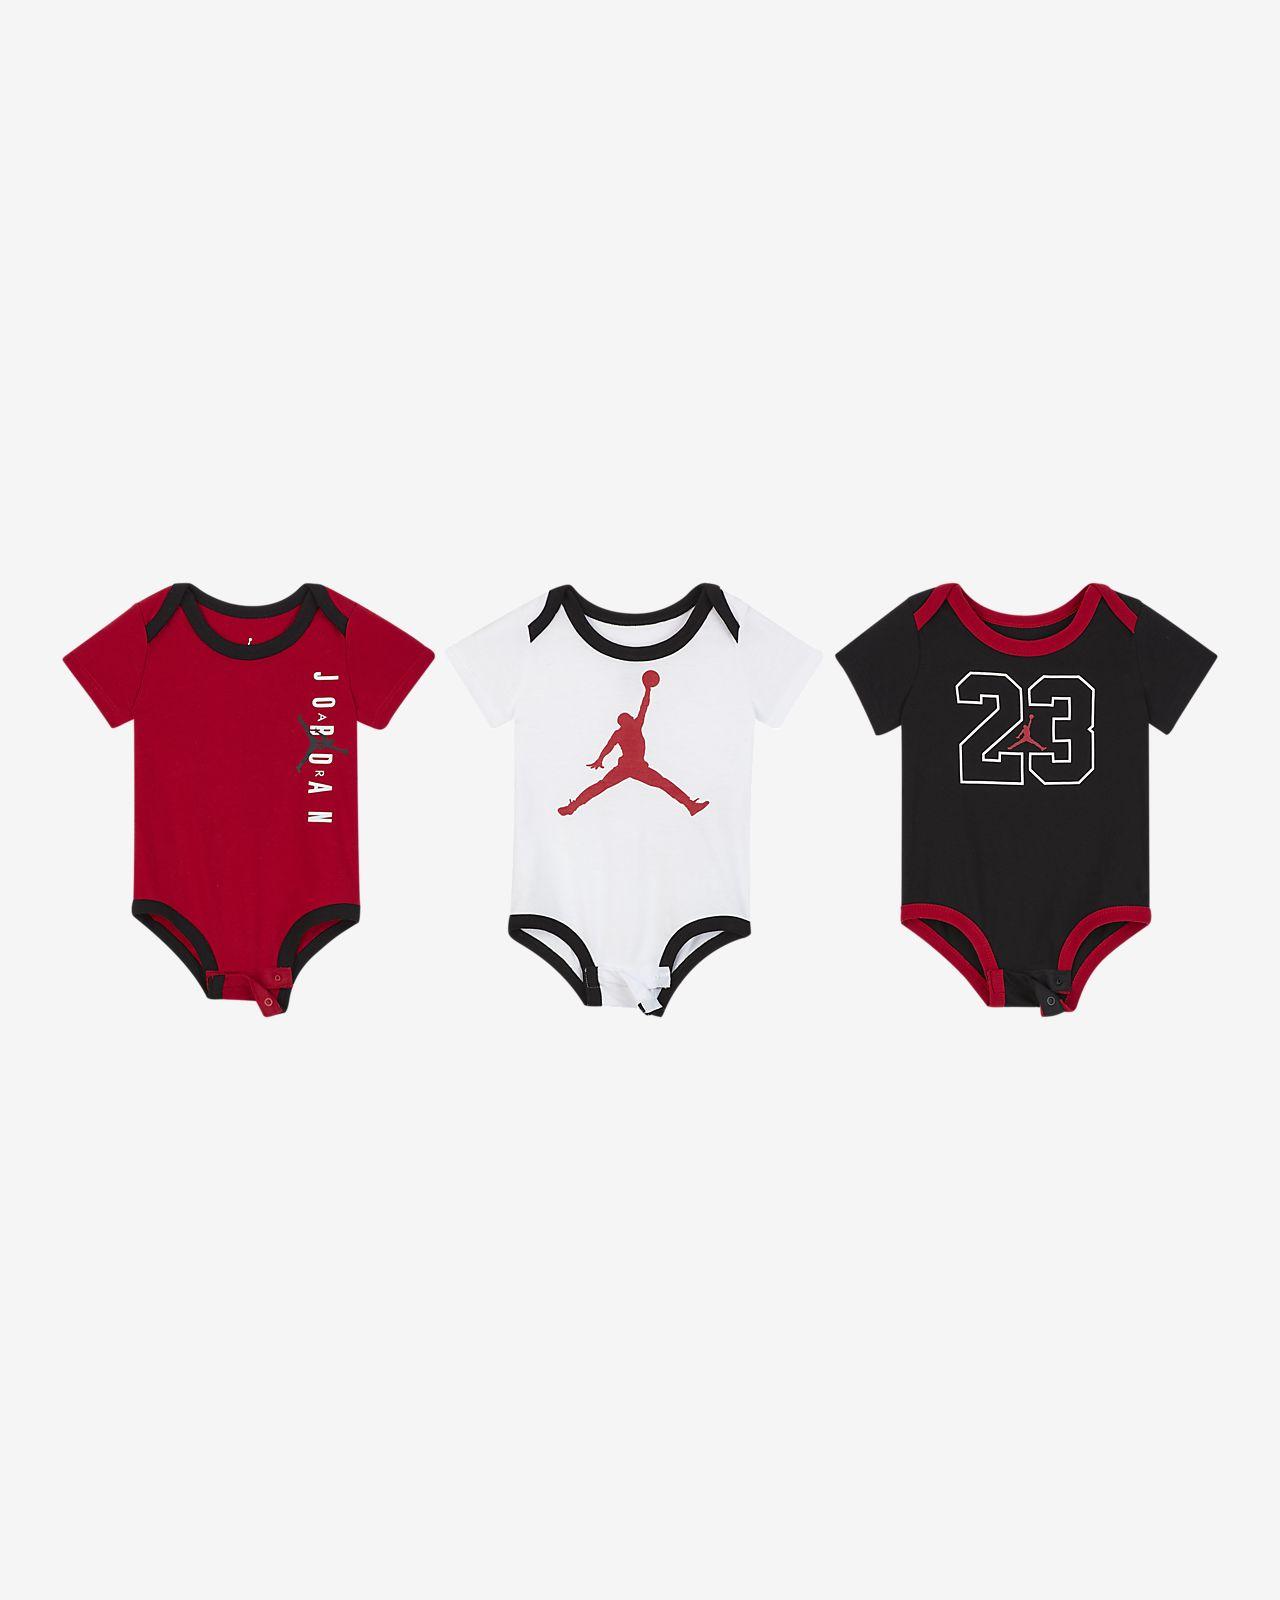 Jordan Jumpman Conjunt de bodis (paquet de 3) - Nadó (0-9 M)